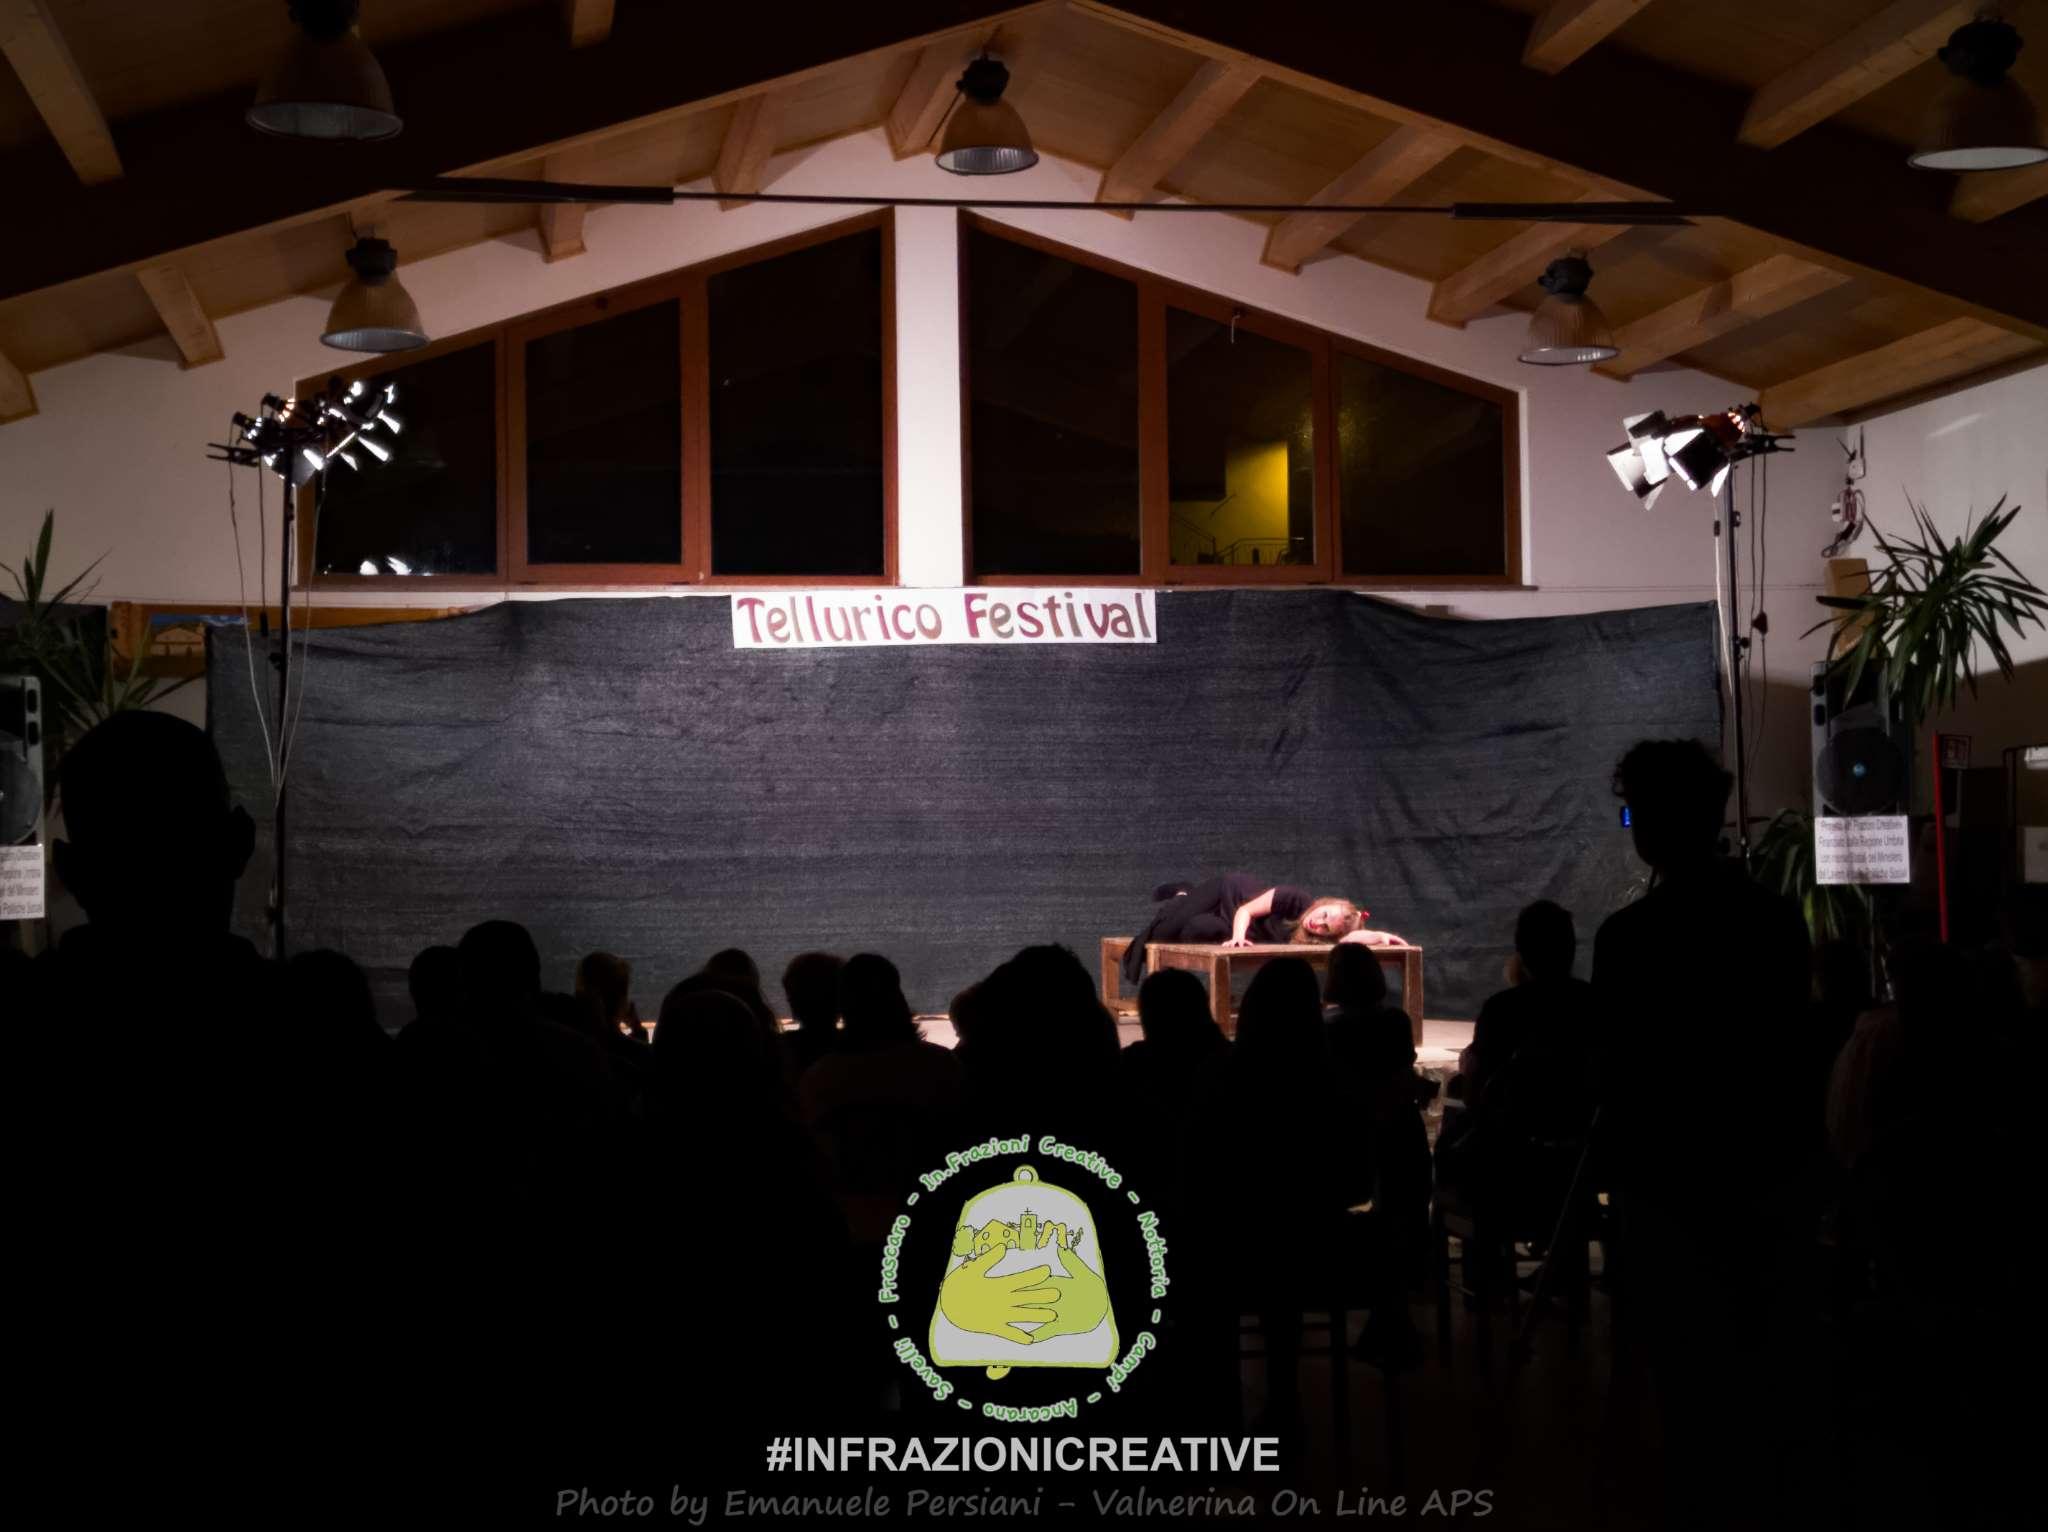 In.Frazioni Creative, Campi di Norcia e Il Tellurico Festival